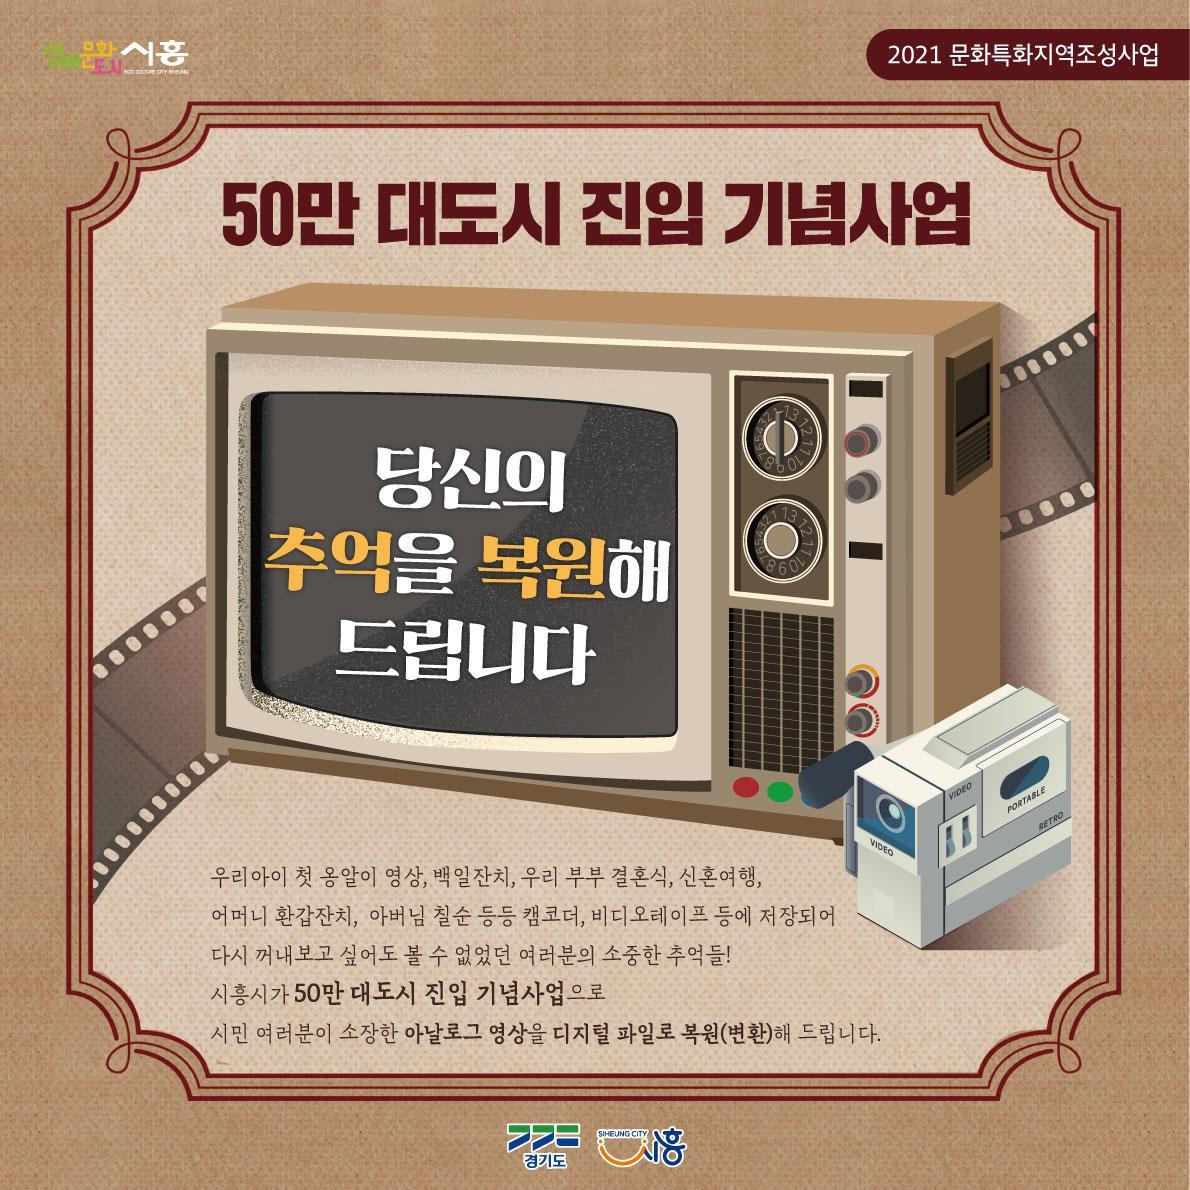 '시흥시민 추억 복원' 시흥시 아날로그 영상 디지털 변환서비스 인기